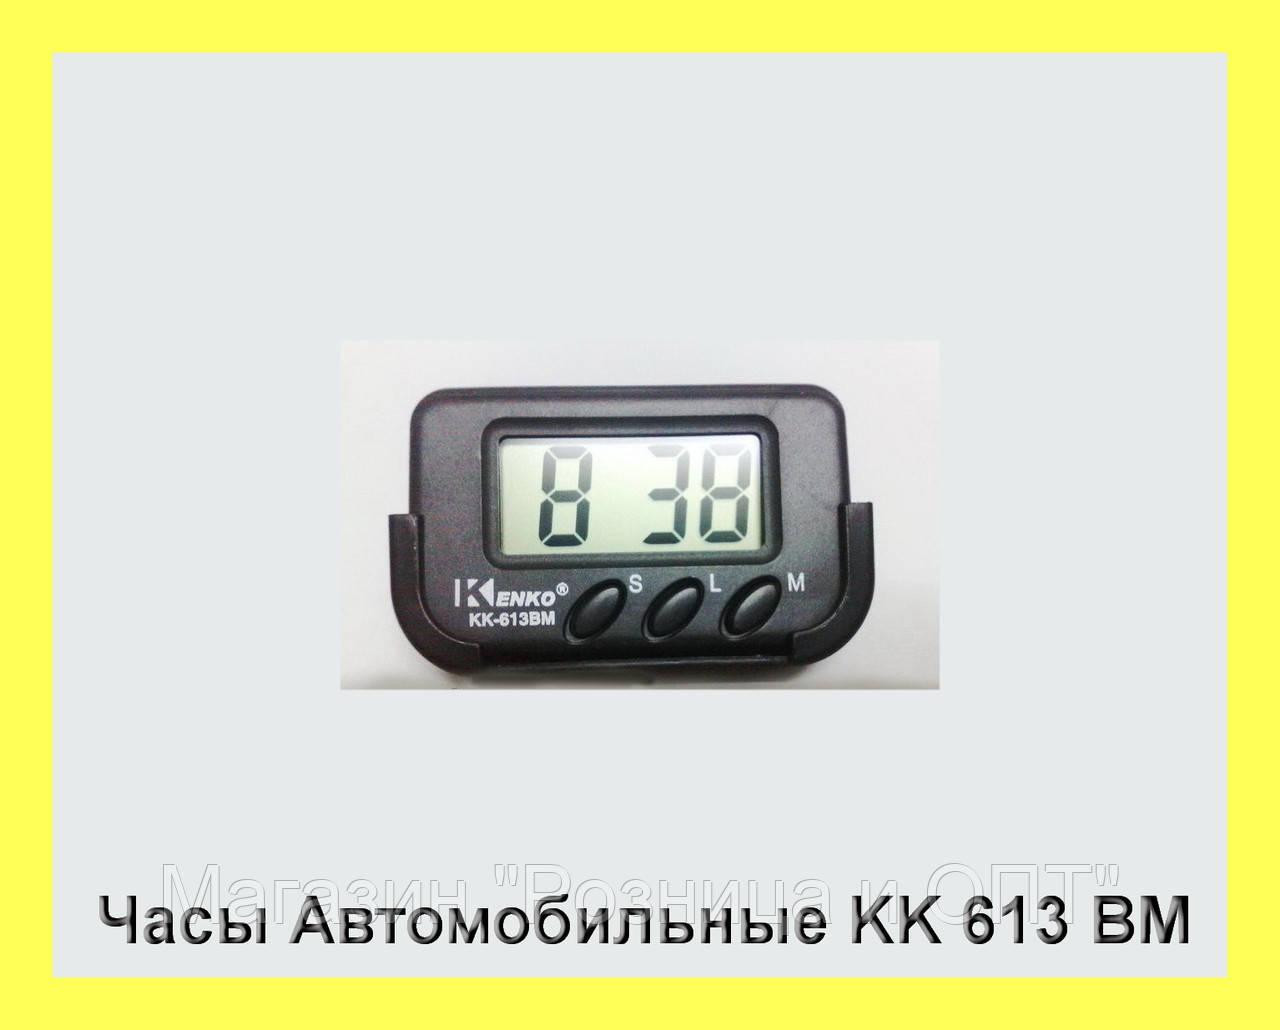 """Часы Автомобильные KK 613 BM - Магазин """"Розница и ОПТ"""" в Одессе"""